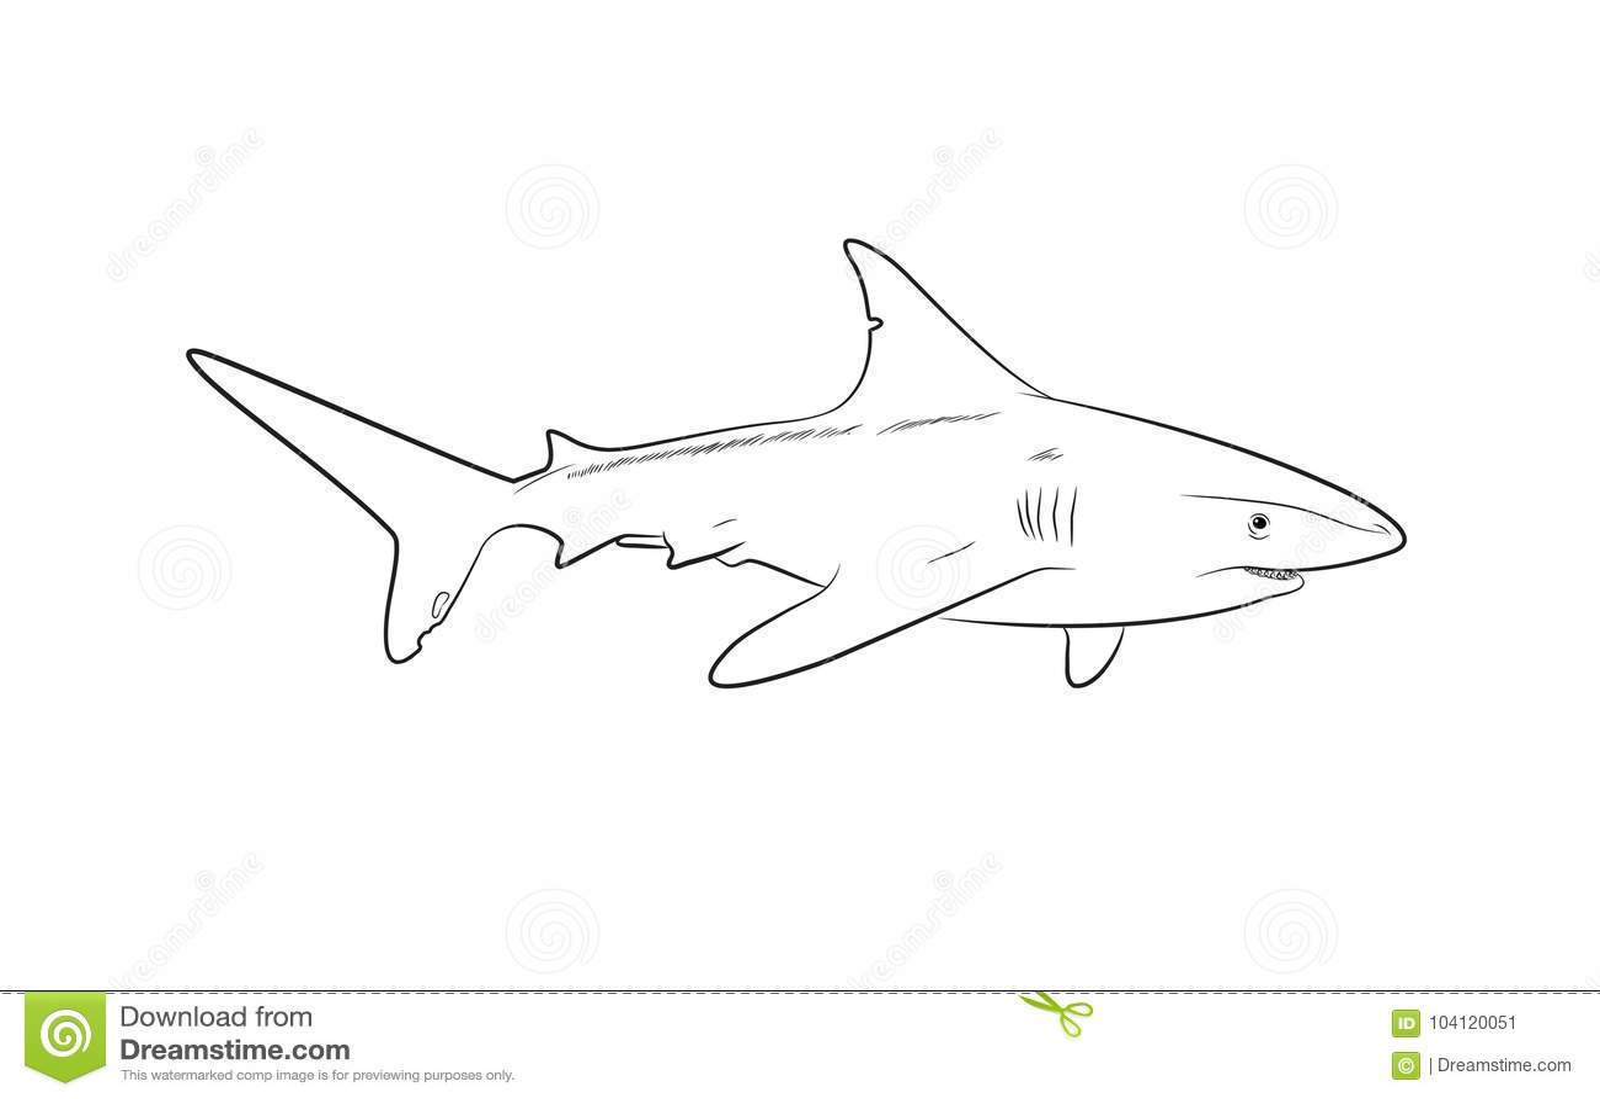 Wild Shark Drawing Vector Illustration Stock Vector